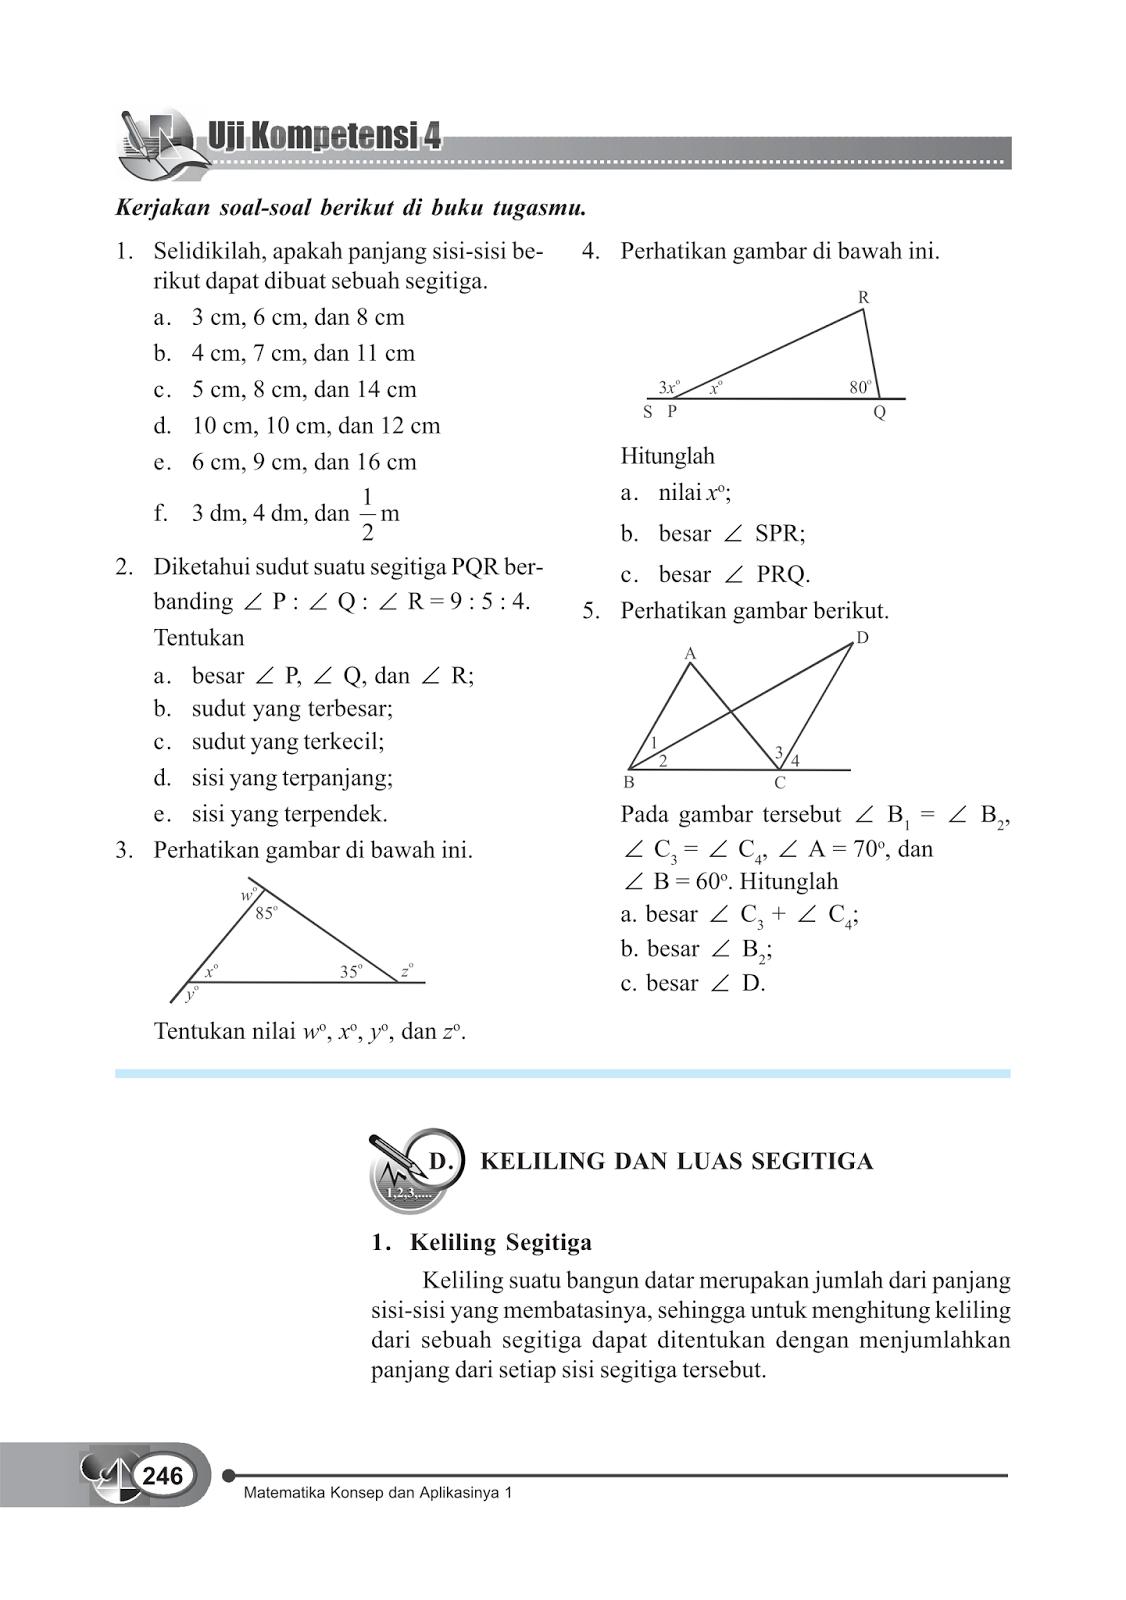 Materi Segitiga Dan Segiempat Smp Kelas 7 Artikel Matematika